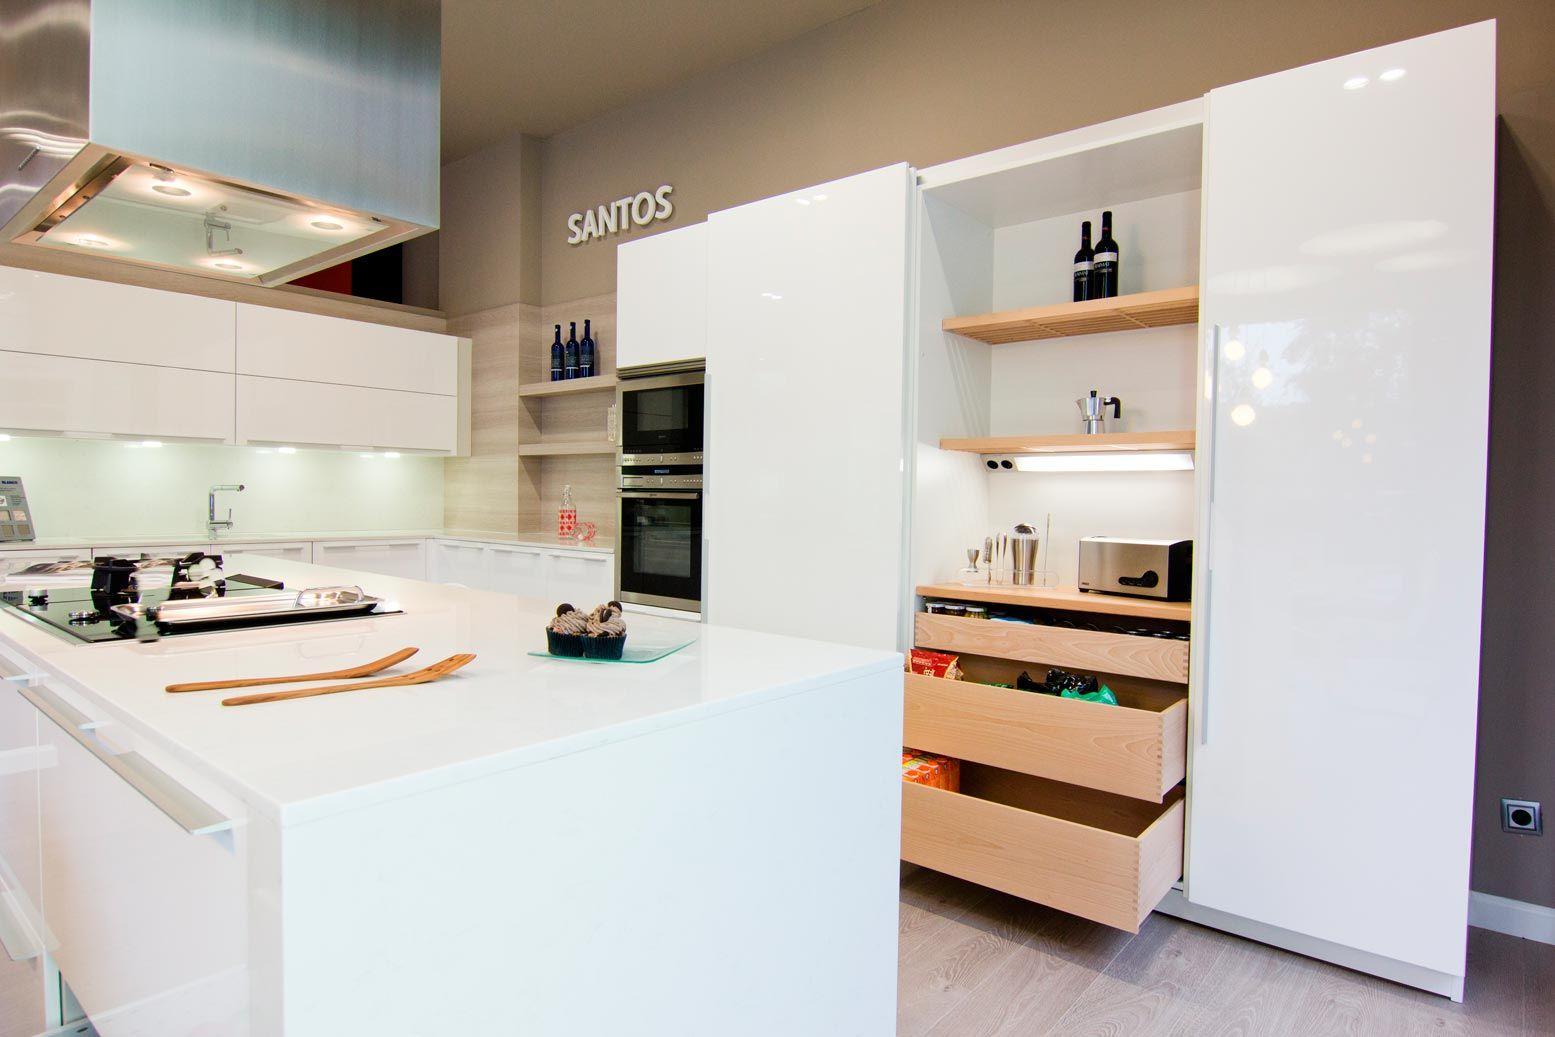 Puedes equipar tu cocina con electrodomésticos Neff en SANTOS ...